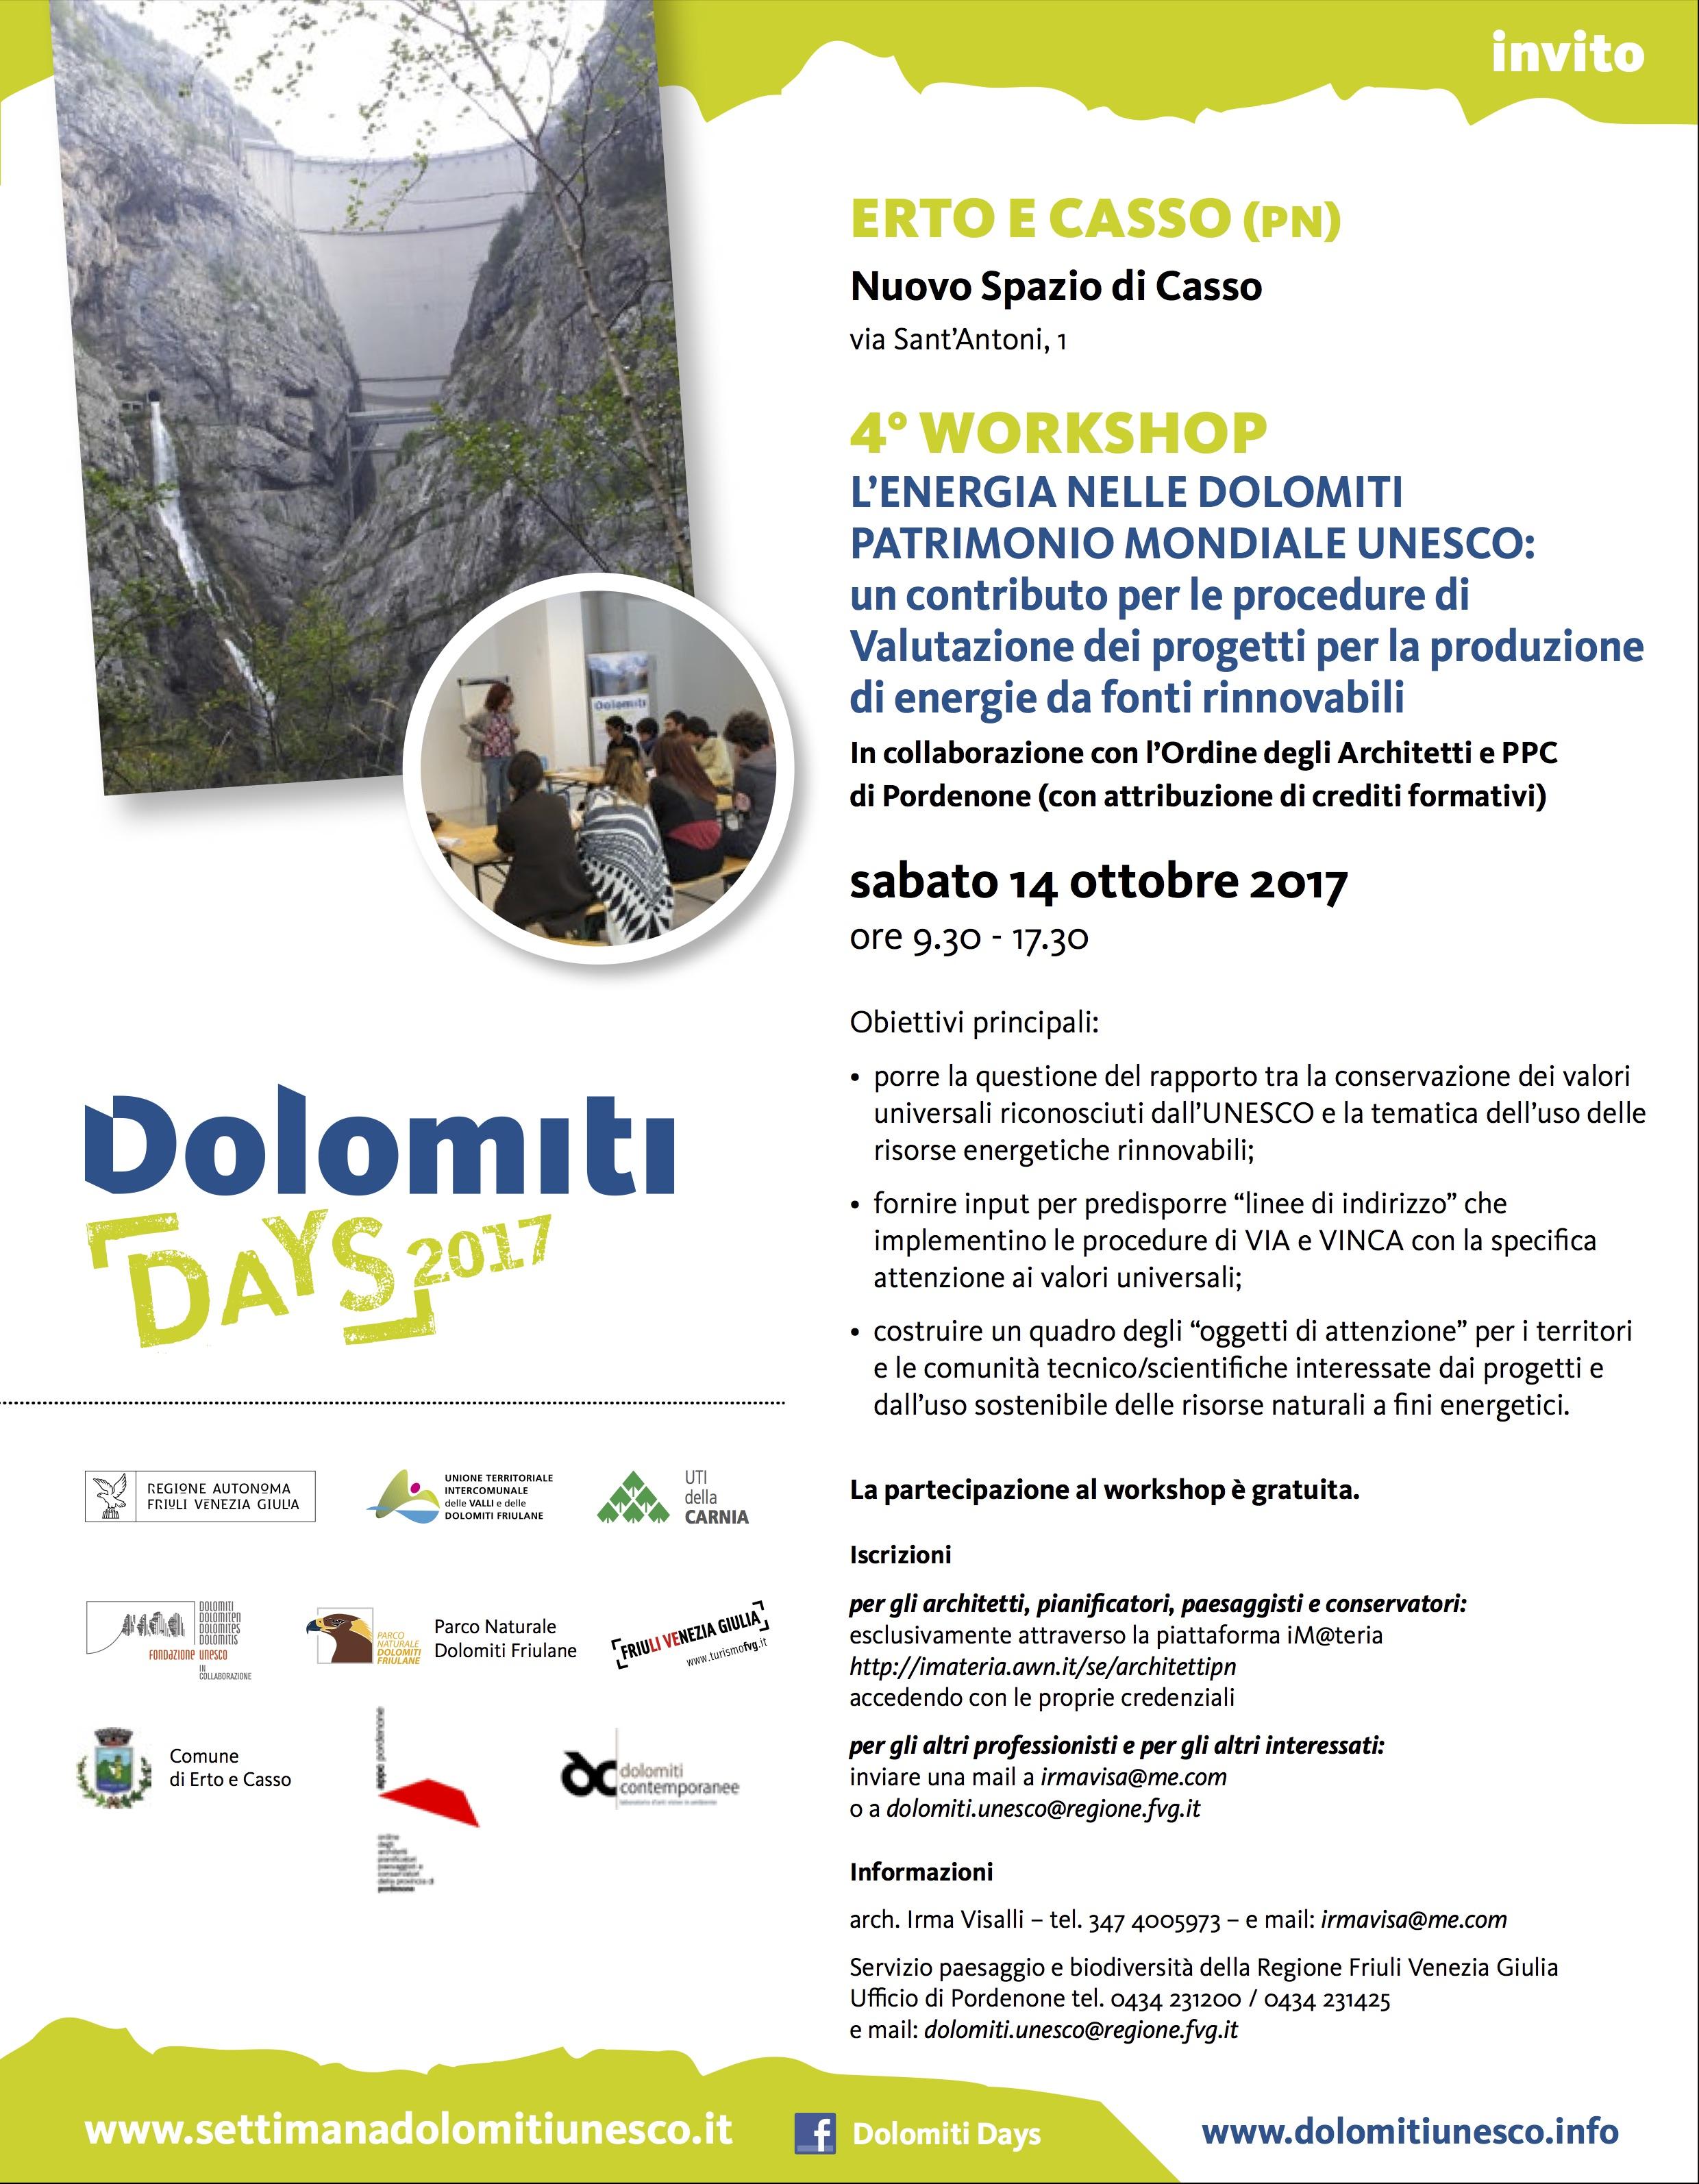 Dolomiti days 2017 invito 4 workshop Casso-def (1)